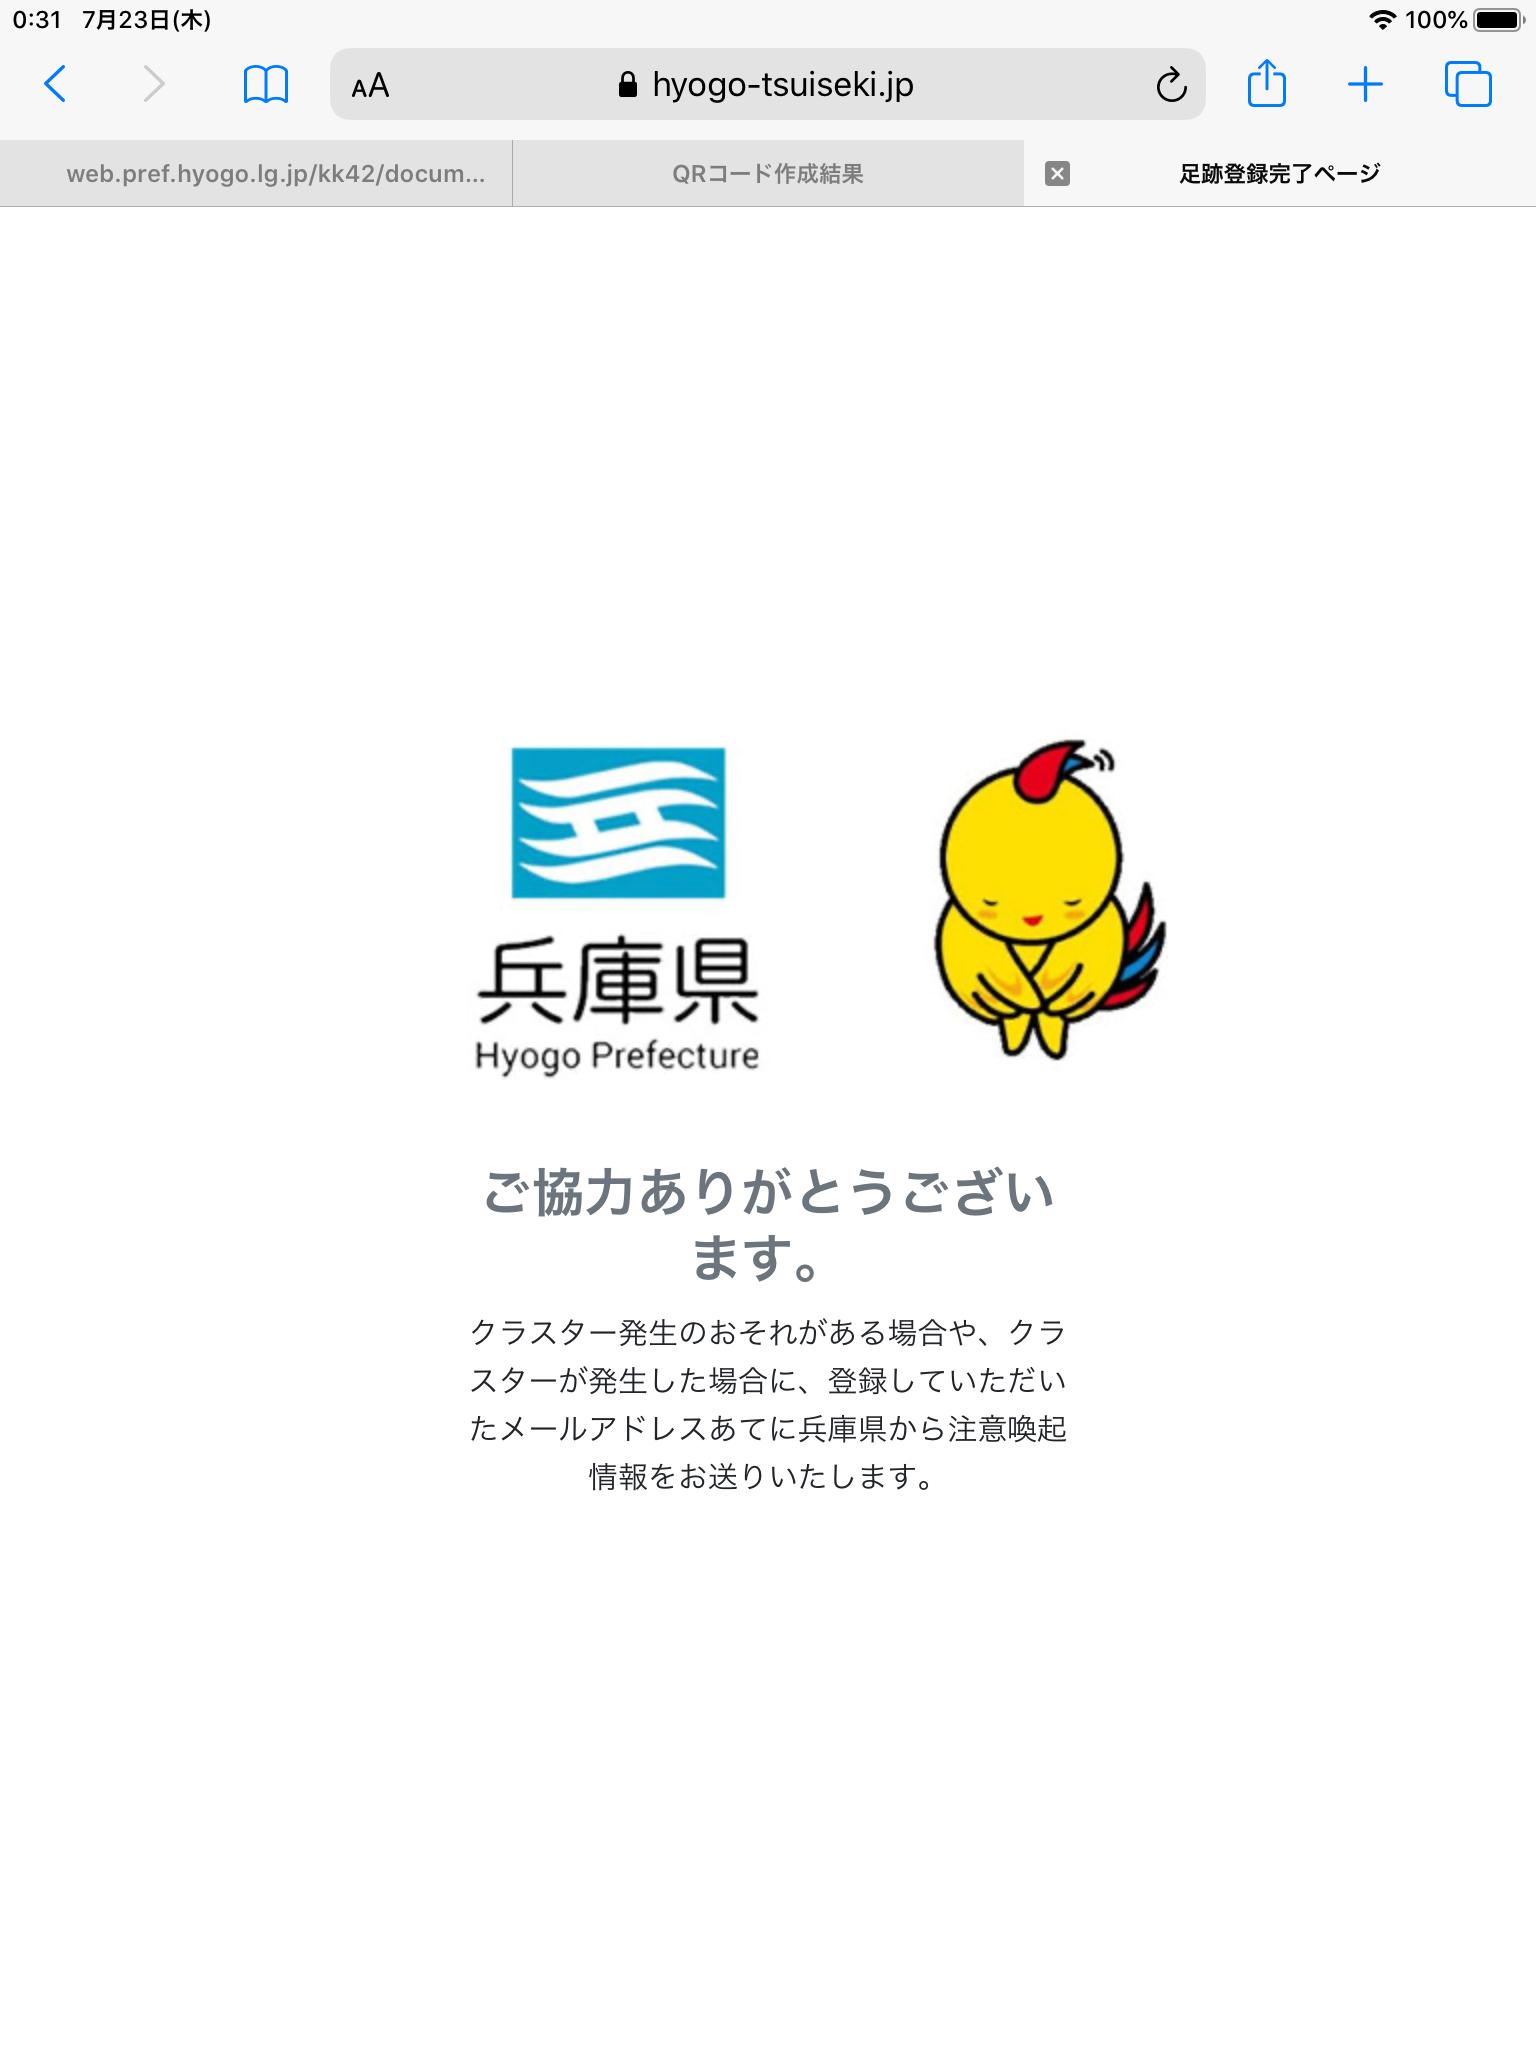 兵庫県新型コロナウイルス追跡システム